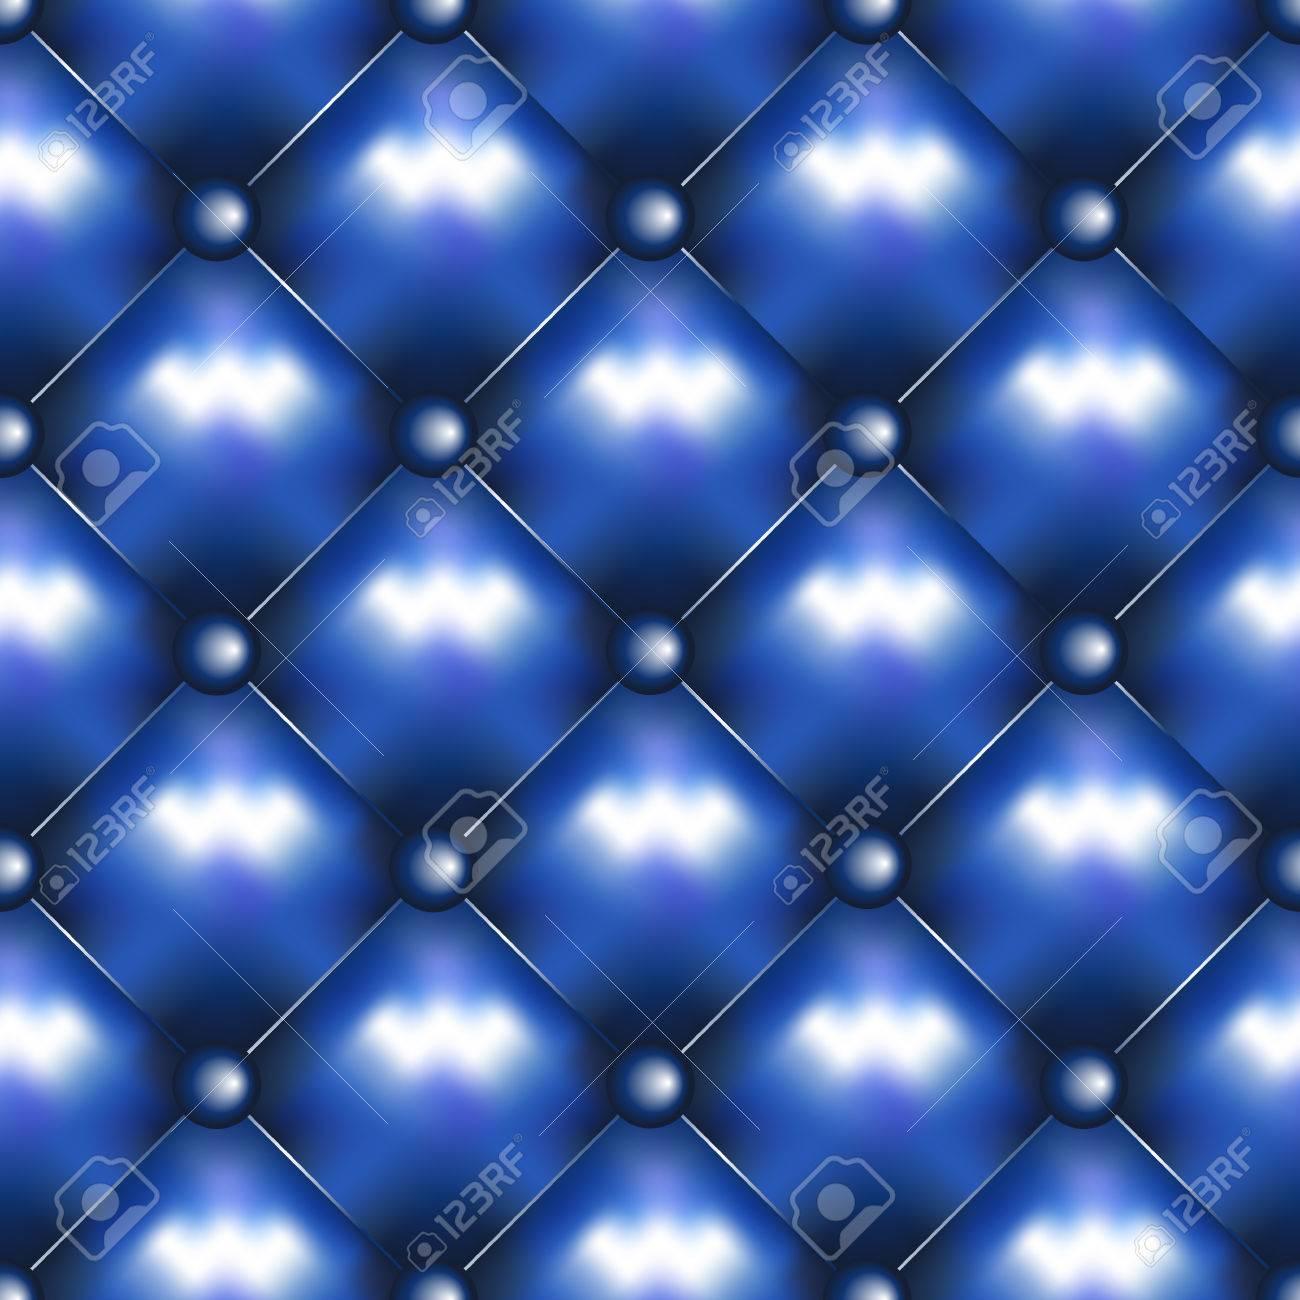 Texture Pelle Divano.Pelle Vector Background Senza Soluzione Di Continuita Divano Appuntato O Texture Divano In Pelle Disegno E Pulsanti Blu Decorazione Rhombus